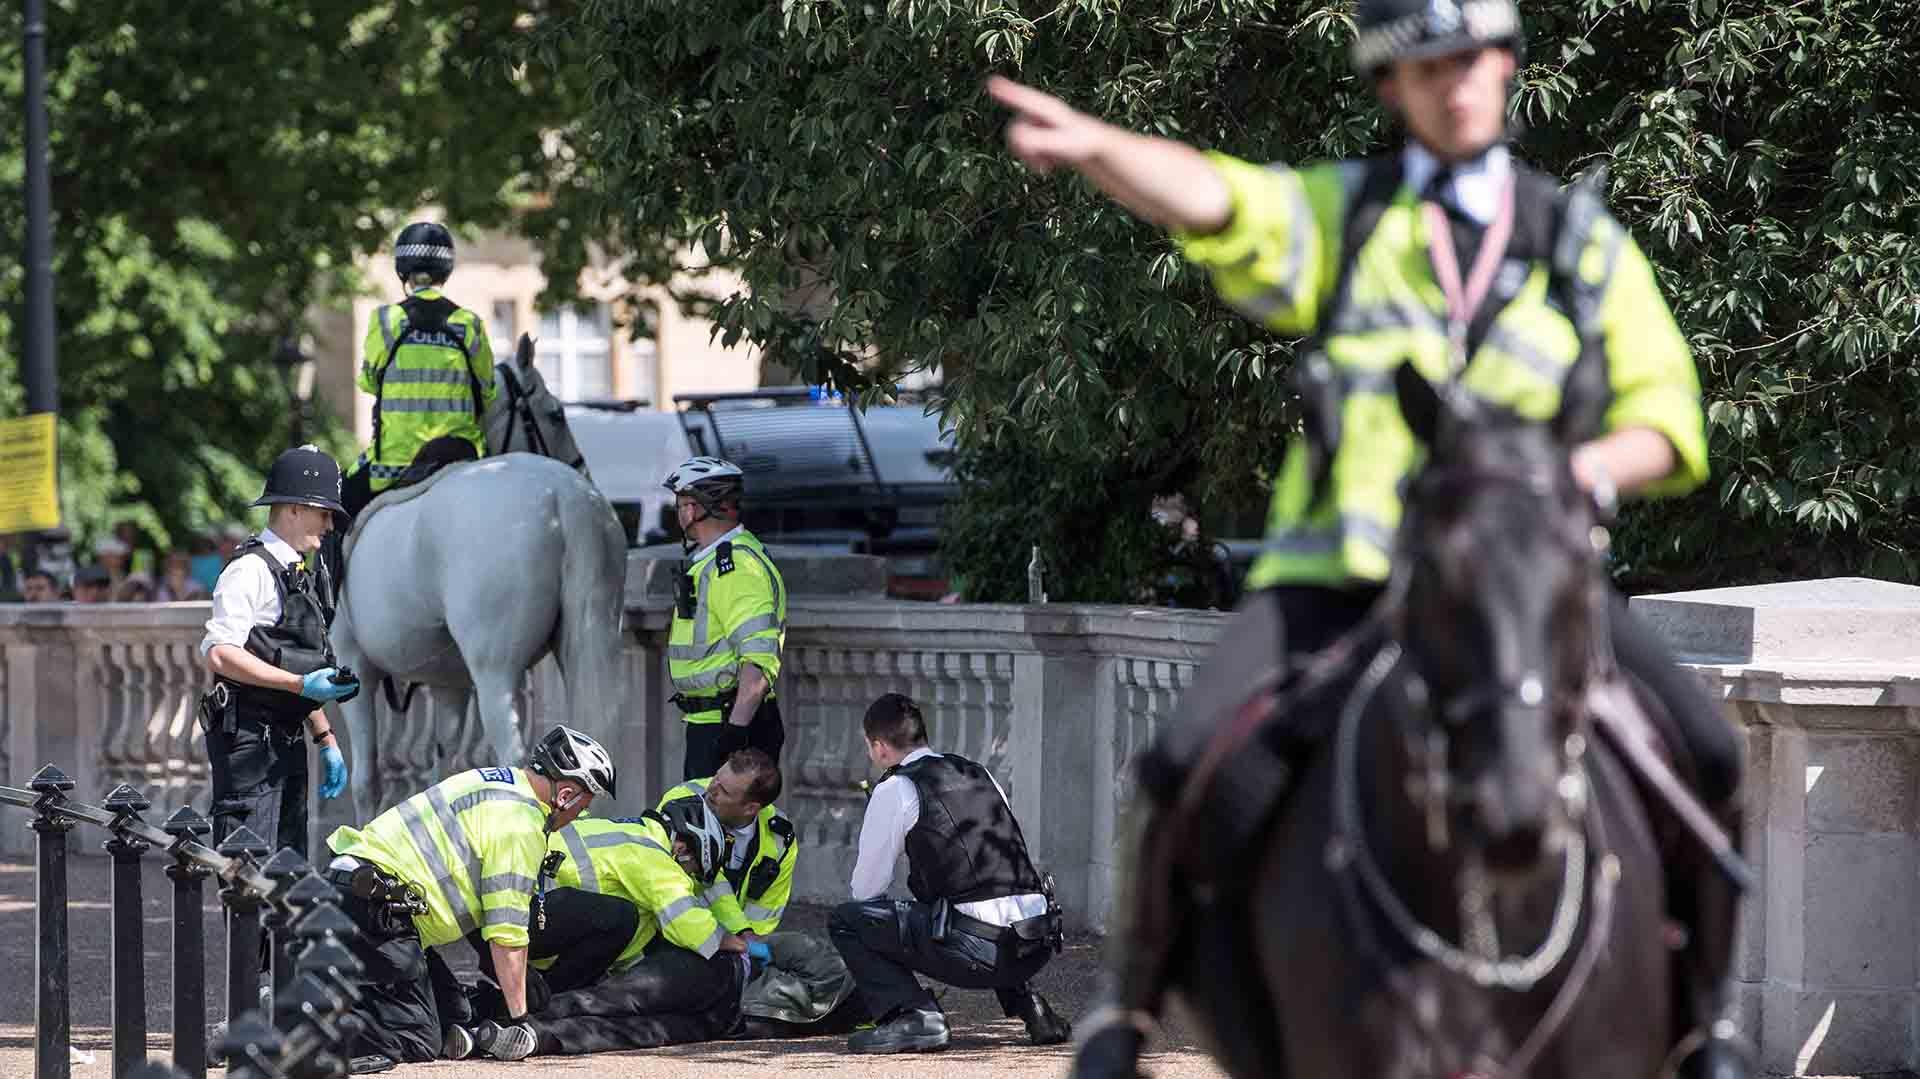 El hombre hirió a dos policías de Londres que intentaban detenerlo